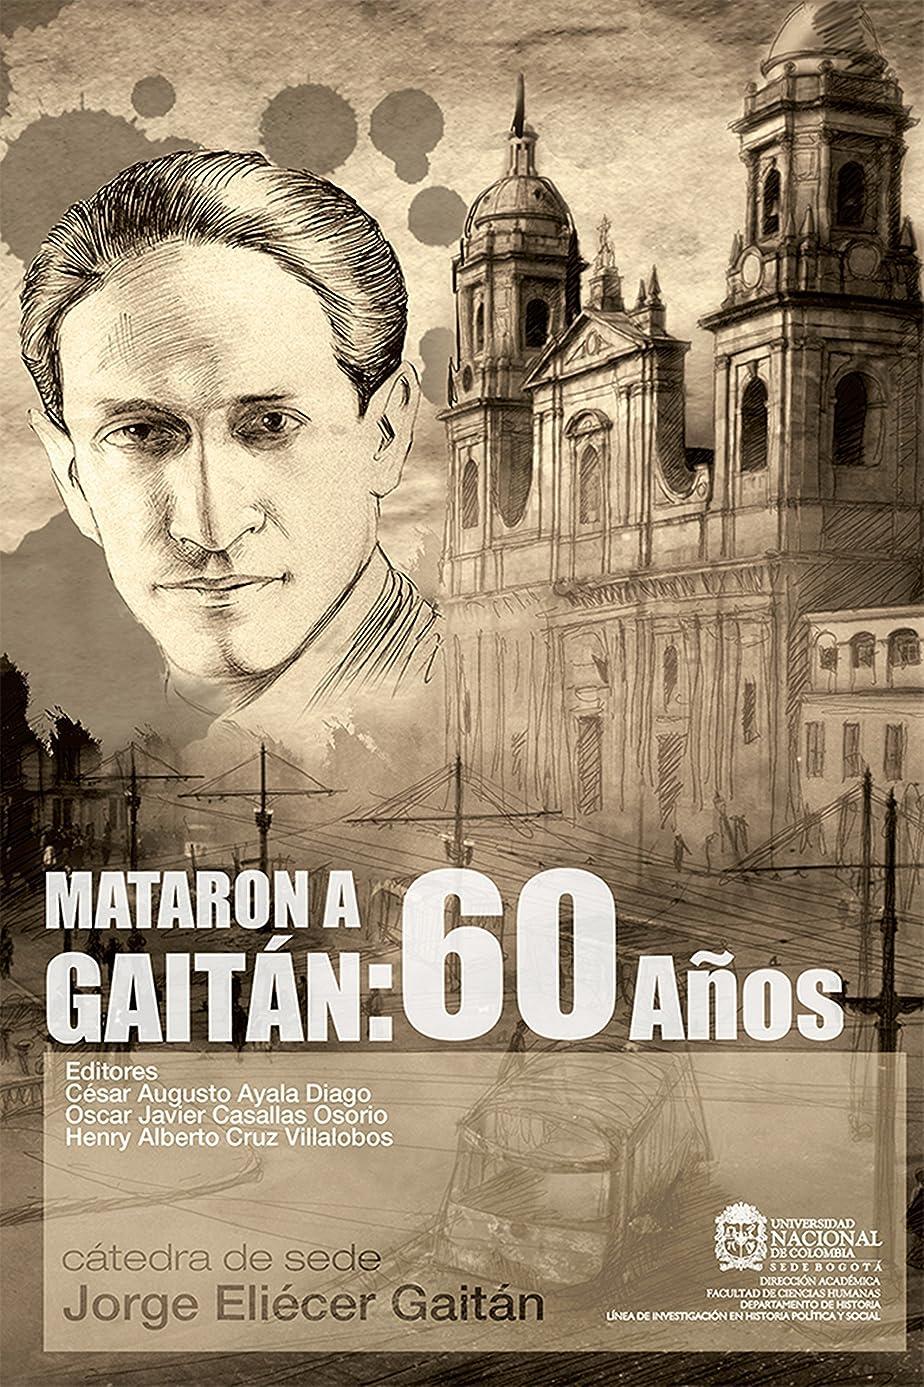 前確執剃るMataron a Gaitán: 60 a?os (Spanish Edition)